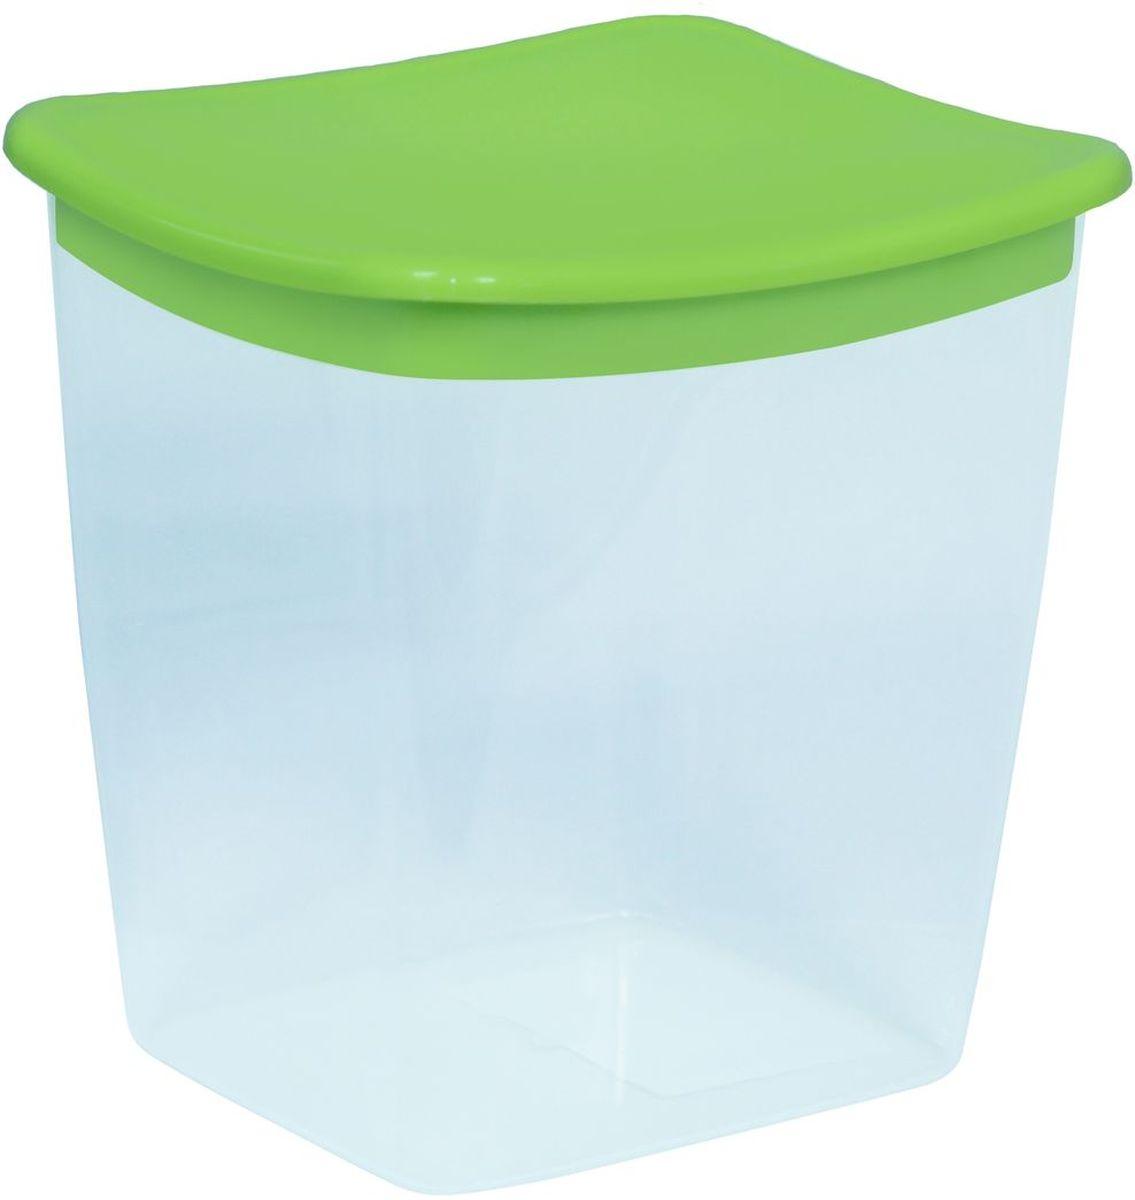 Емкость для сыпучих продуктов Idea, квадратная, цвет: салатовый, 1 лМ 1223Емкость Idea выполнена из пищевого полипропилена и предназначена для хранения сыпучих продуктов. Не содержит Бисфенол A. Изделие оснащено плотно закрывающейся крышкой, благодаря которой продукты дольше остаются свежими.